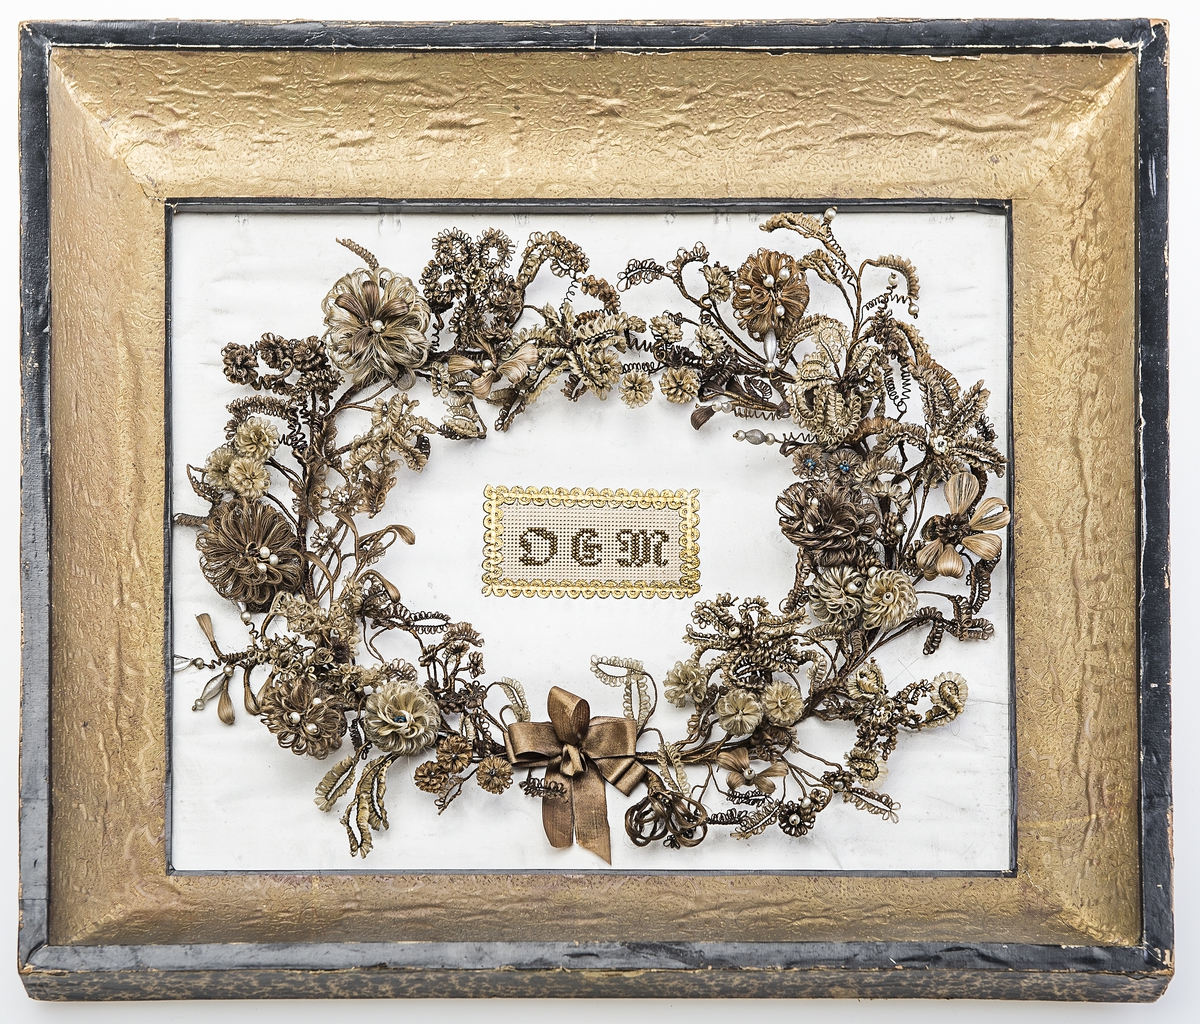 Et bilde som består av en krans av hårblomster i brune og blonde nyanser på hvit bunn. Blomstene er laget ved at de er tvinnet rundt tynn ståltråd. Stilkene er tykkere og tvinnet med hår. Turkis og perlemorsskinnende glassperler er brukt som dekor i blomsterhodene og ytterst på stenglene. Kransen er nede holdt sammen med  en brun silkesløyfe. Kransen ligger på hvit papirbunn. Midt i bildet er initialene OEM (Oline Elisabeth Moe) bordert i brune glassperler på stramei, og det er  en gullbord rundt initialene. Arbeidet er limt opp på en treplate. Rundt er det en treramme pålimt ullpapir og sort papir på forsiden, og melert sort og brunt papir på baksiden. Det er et sort bomullsbånd festet i metallhemper for oppheng.